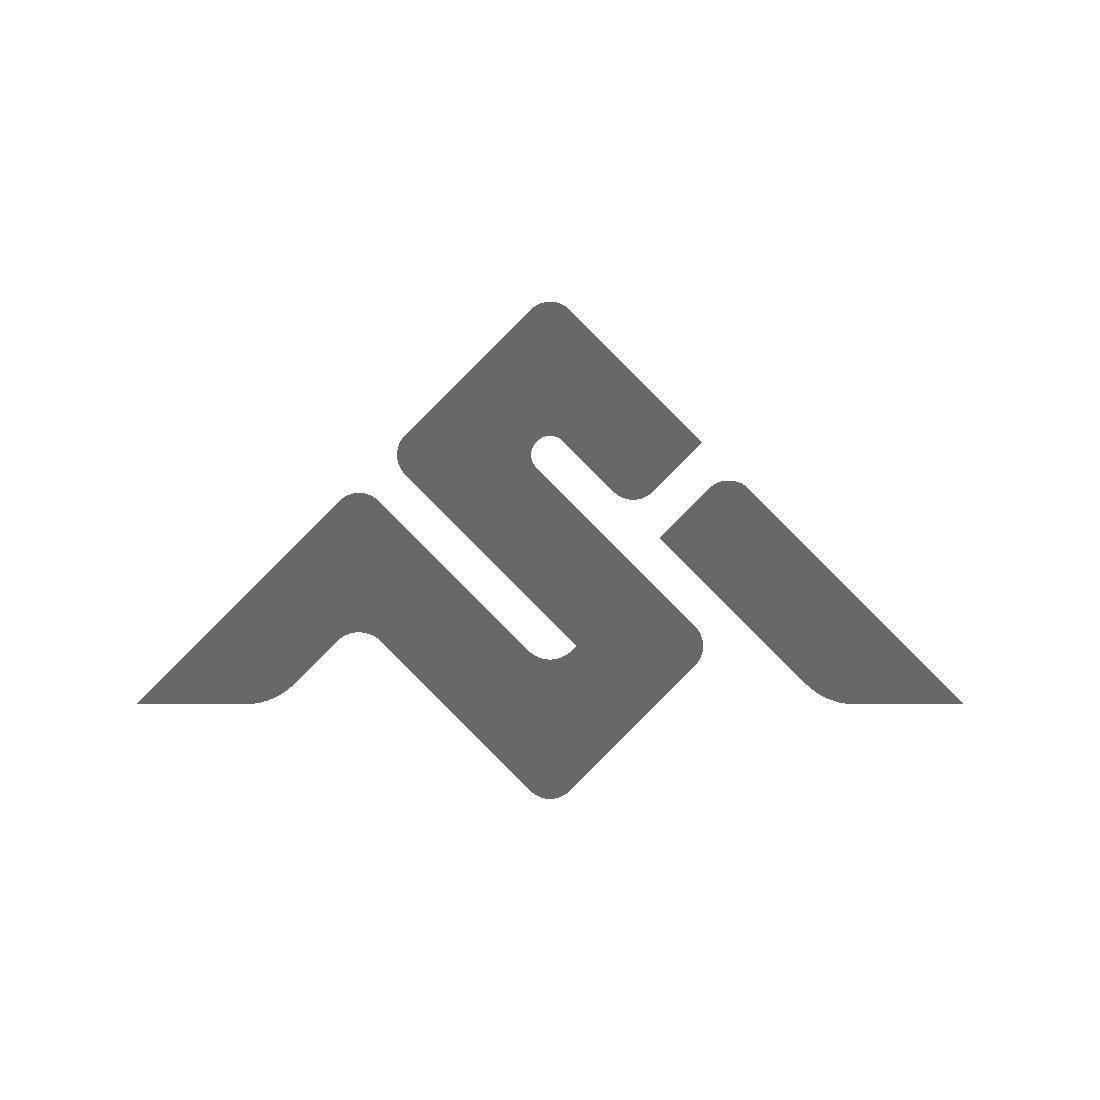 2018 Faction 1 Magasin 0 Candide Ski En De Achat 19 Thovex XTqpZ7xwa